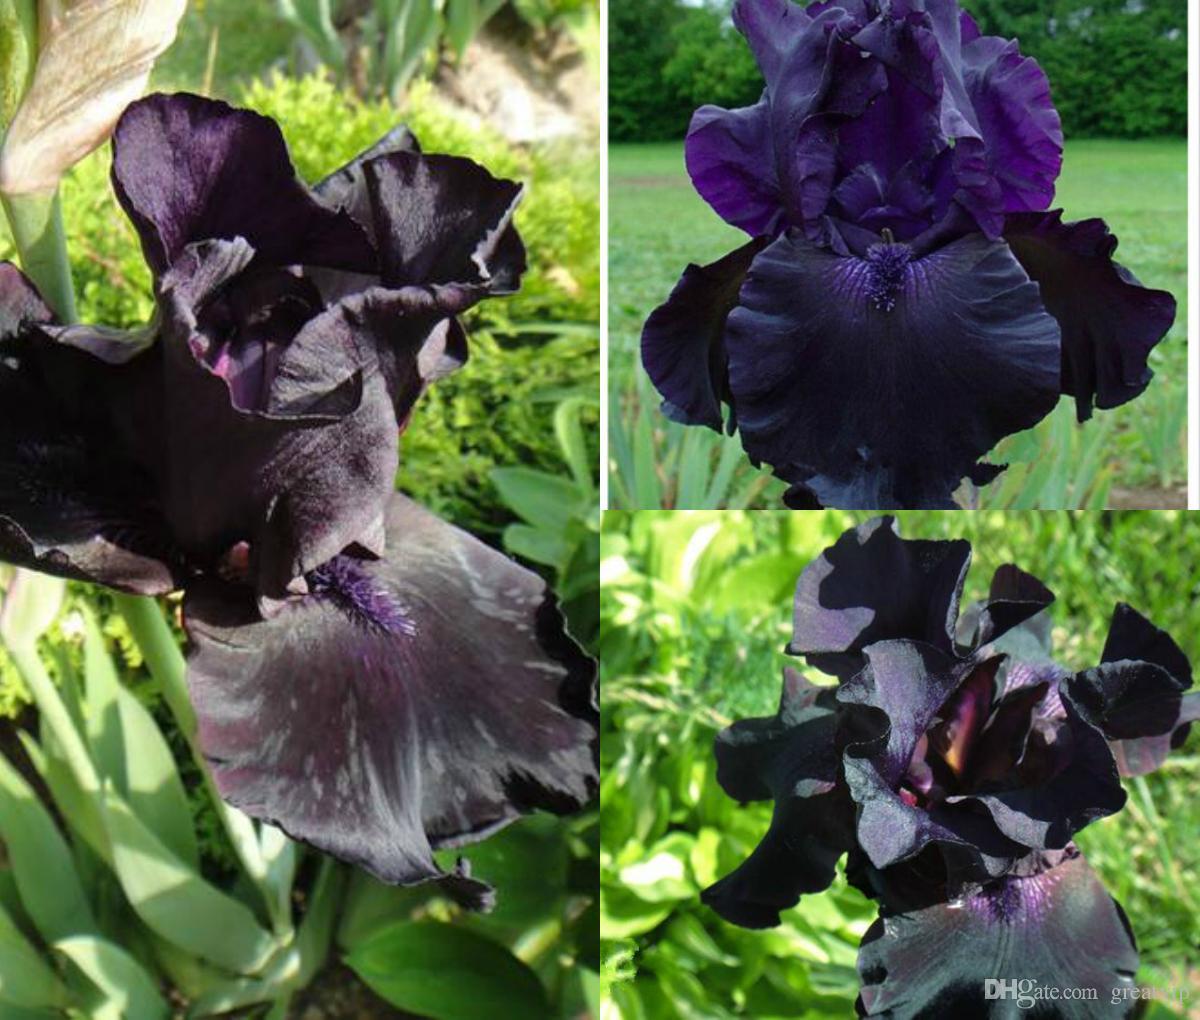 Iris Orchid Seeds Heirloom Tectorum Perennial Flower Seeds Yard